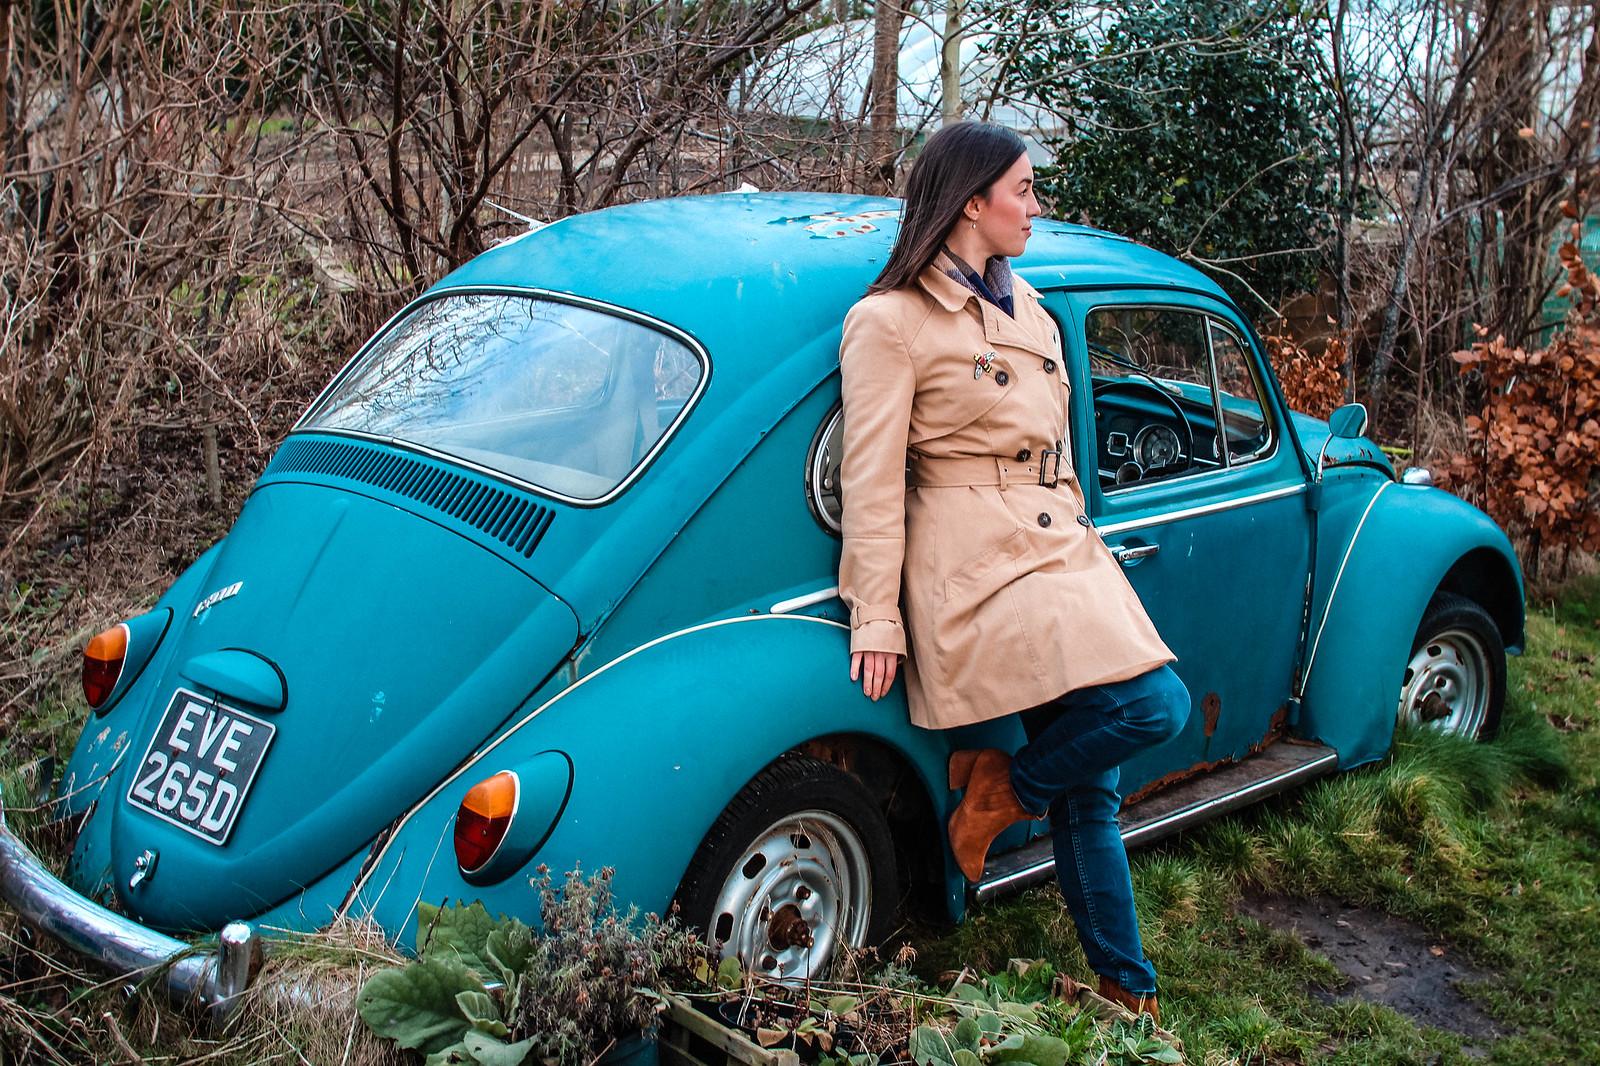 Edinburgh Secret Herb Garden Review Lifestyle blogger travel UK The Little Things IMG_7637